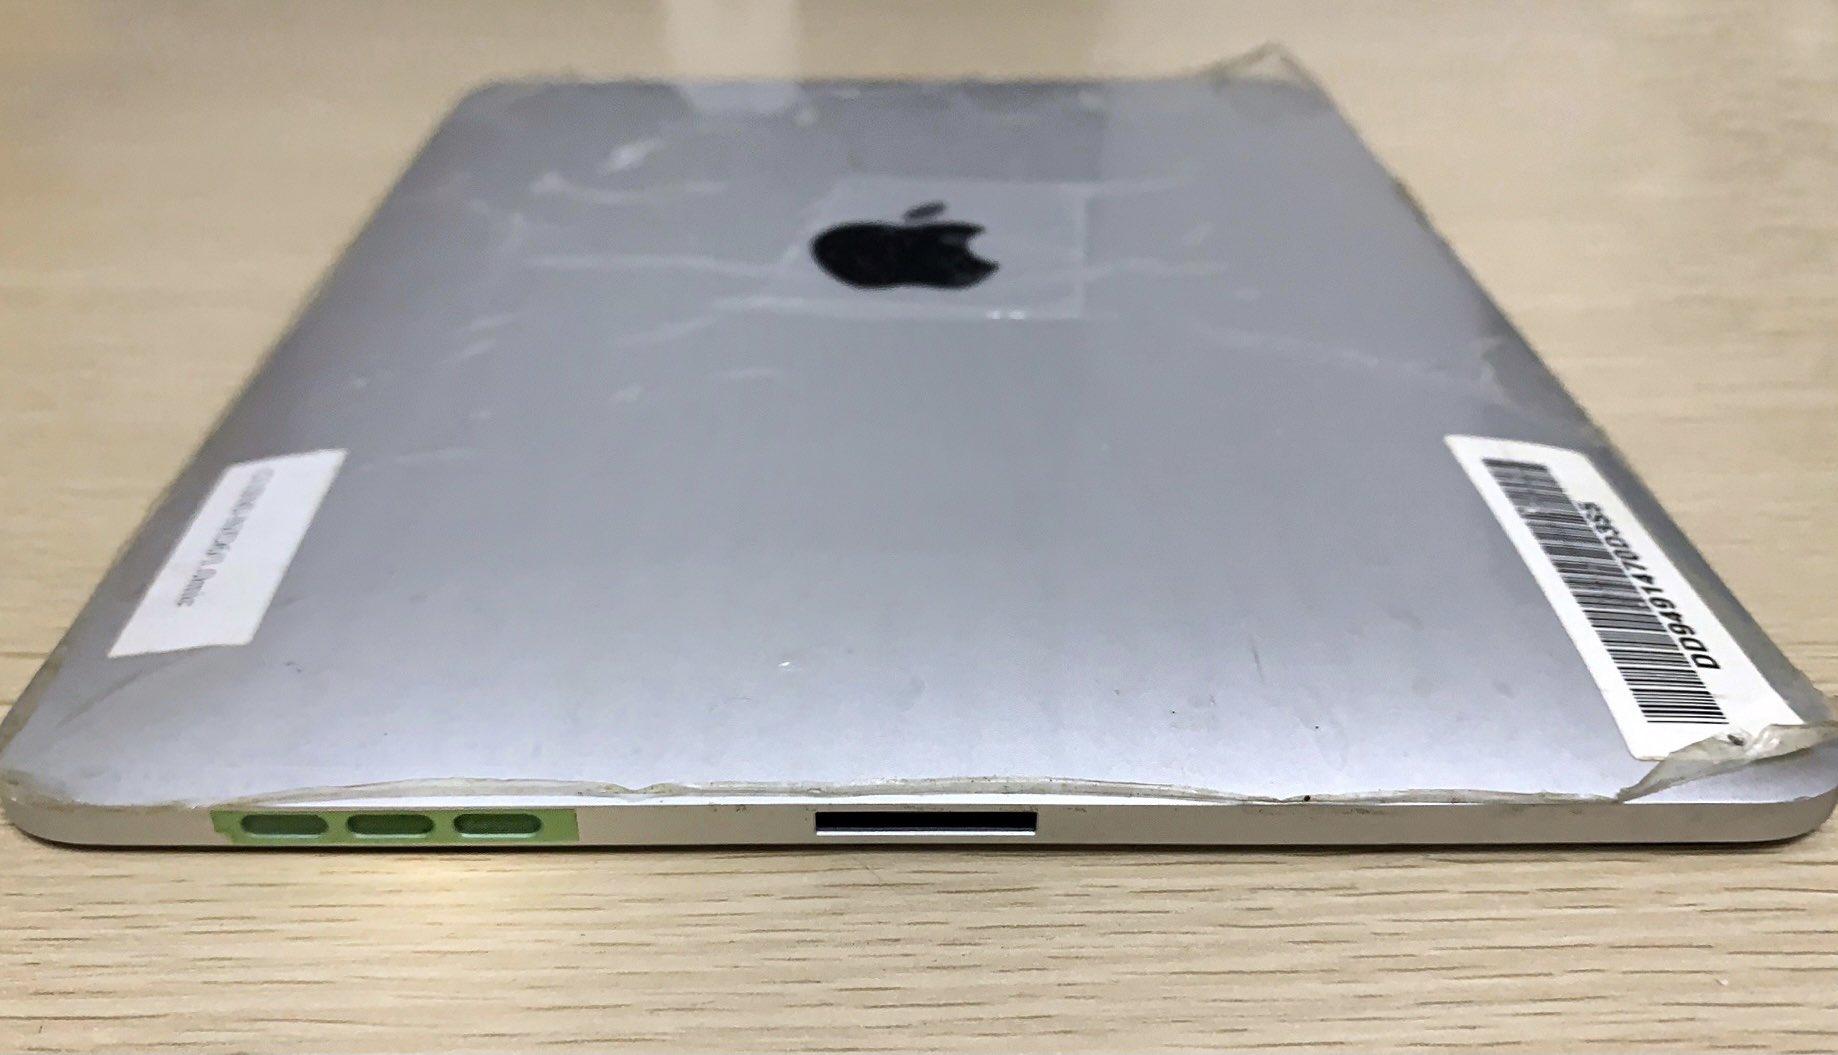 Prototipo de iPad original, de primera generación, con dos puertos Dock de 30 pin en lugar de uno como tuvo la versión final. El segundo puerto fue desestimado en la fase DVT, en el último momento